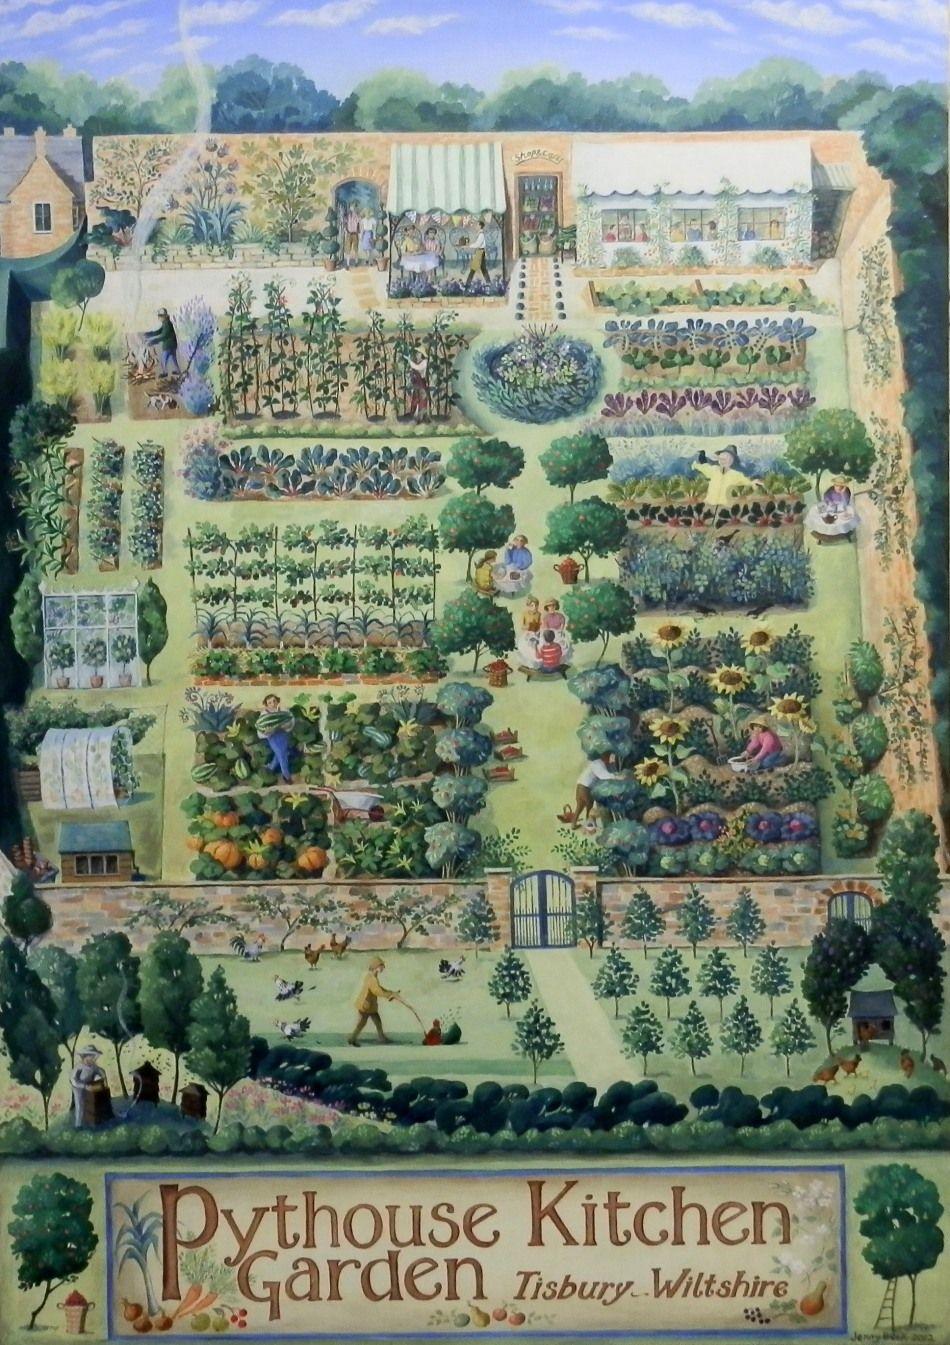 The Pythouse Kitchen Garden Amenagement De Jardin Potager Illustration De Jardin Design De Jardin Potager